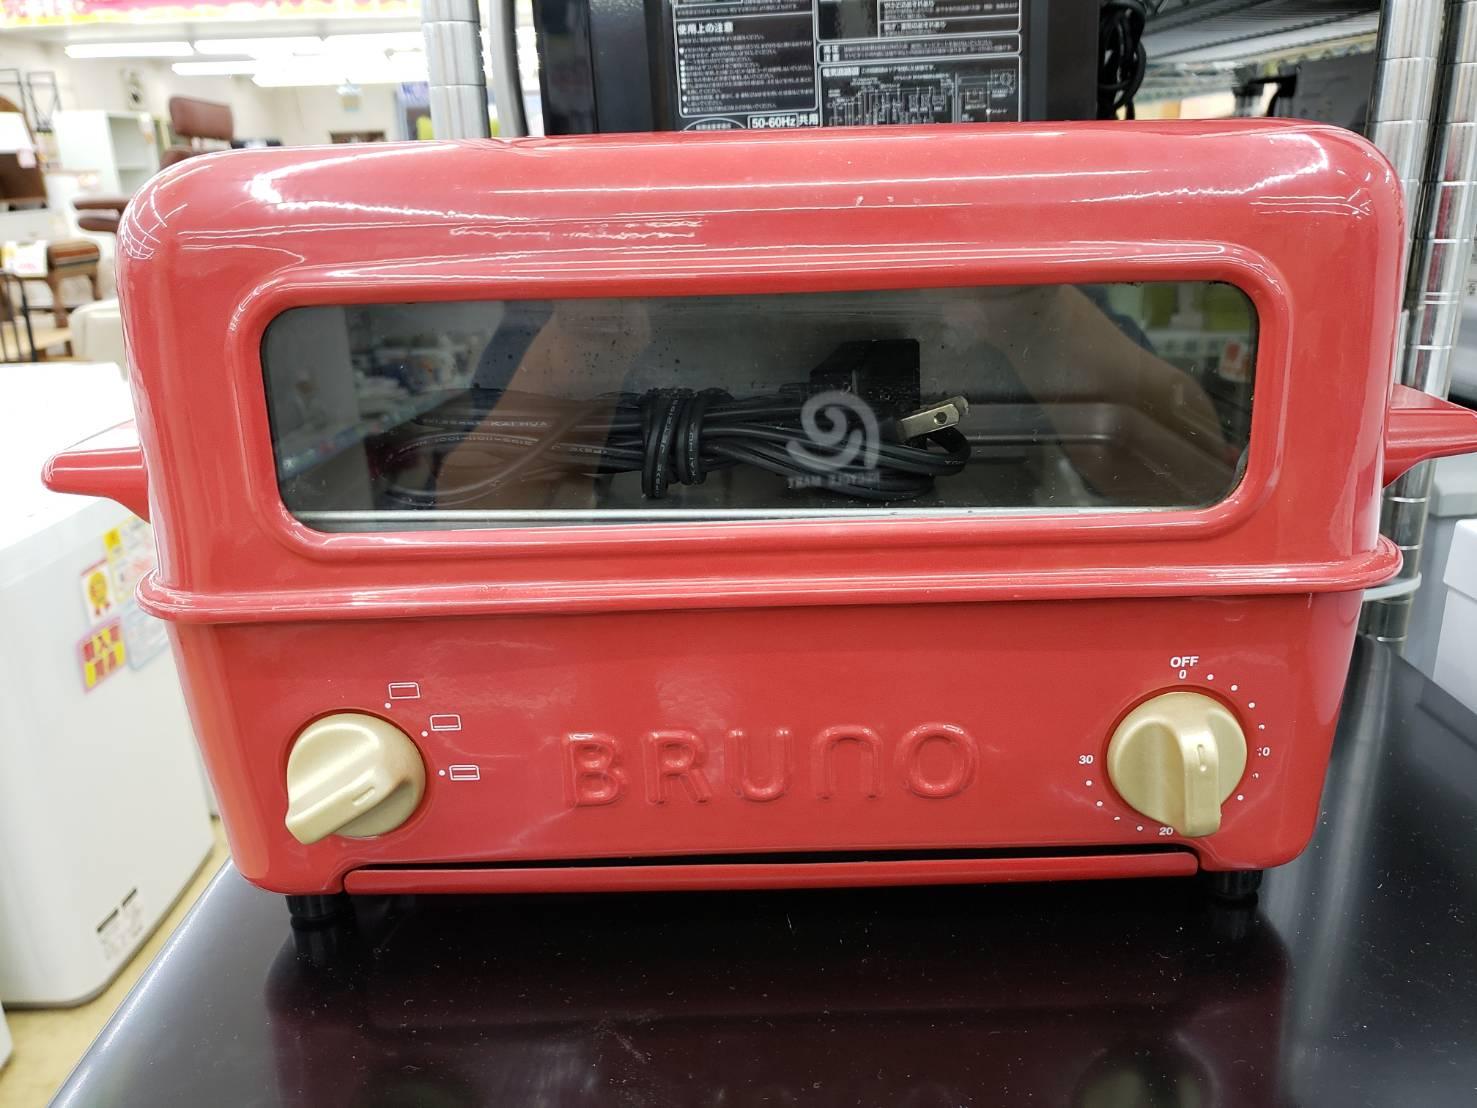 ブルーノ トースターグリル BOE033 買取致しました!!の買取-